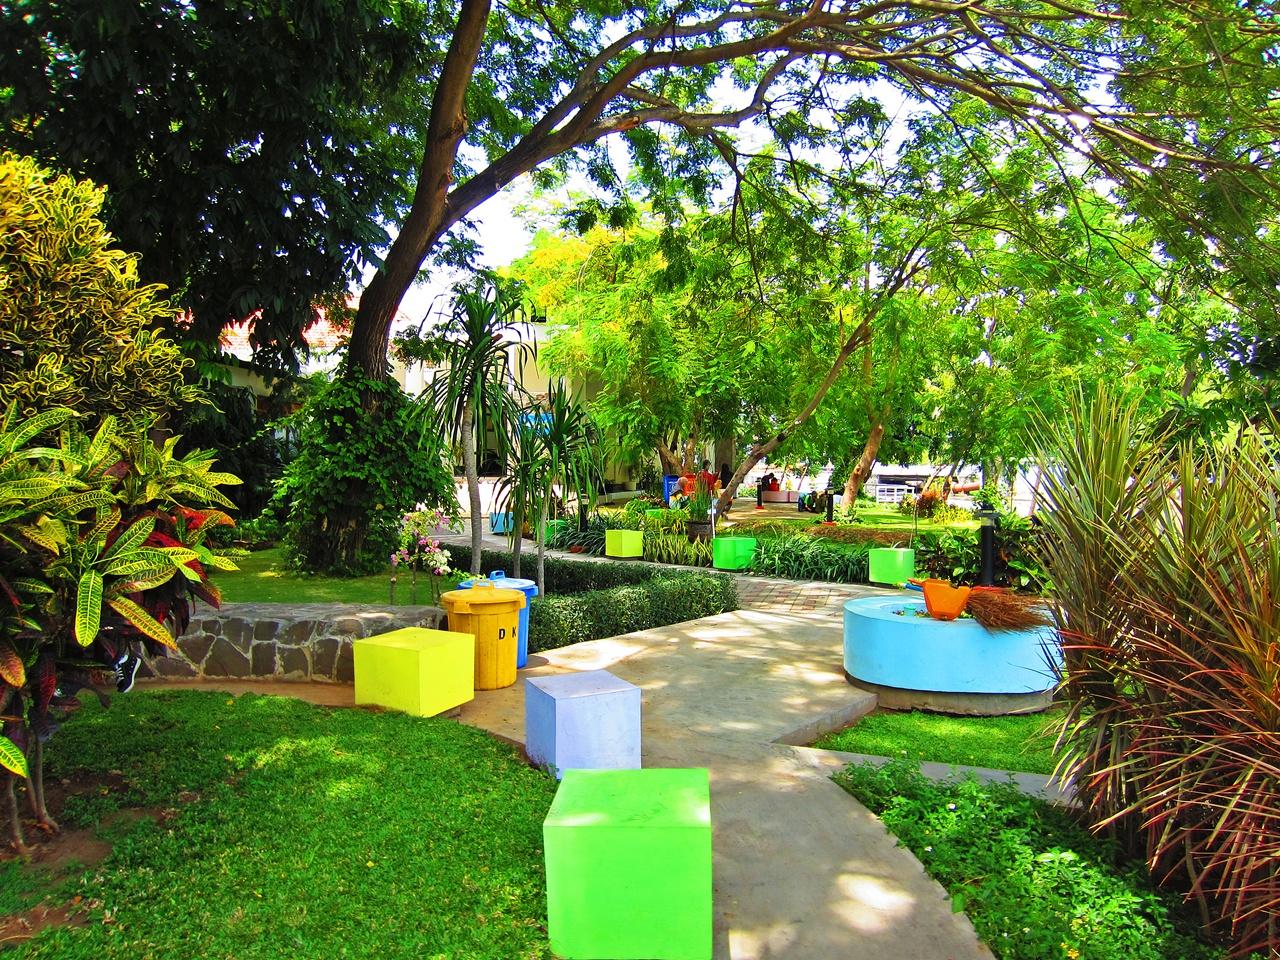 17 Tempat Ngabuburit Surabaya Pas Asik Murah Enak Taman Ekspresi